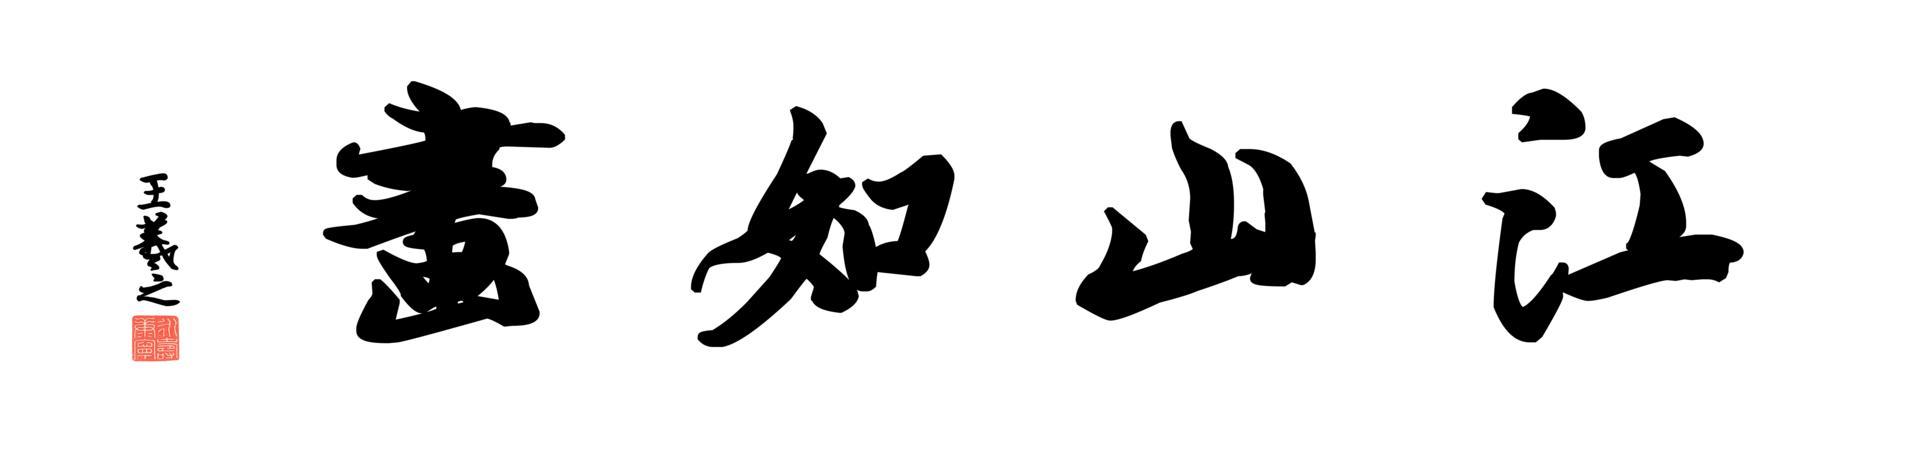 0094_王羲之兰亭体数字书法-四字横幅江山如画136x33cm_21417x5197PX_TIF_400DPI_326_0